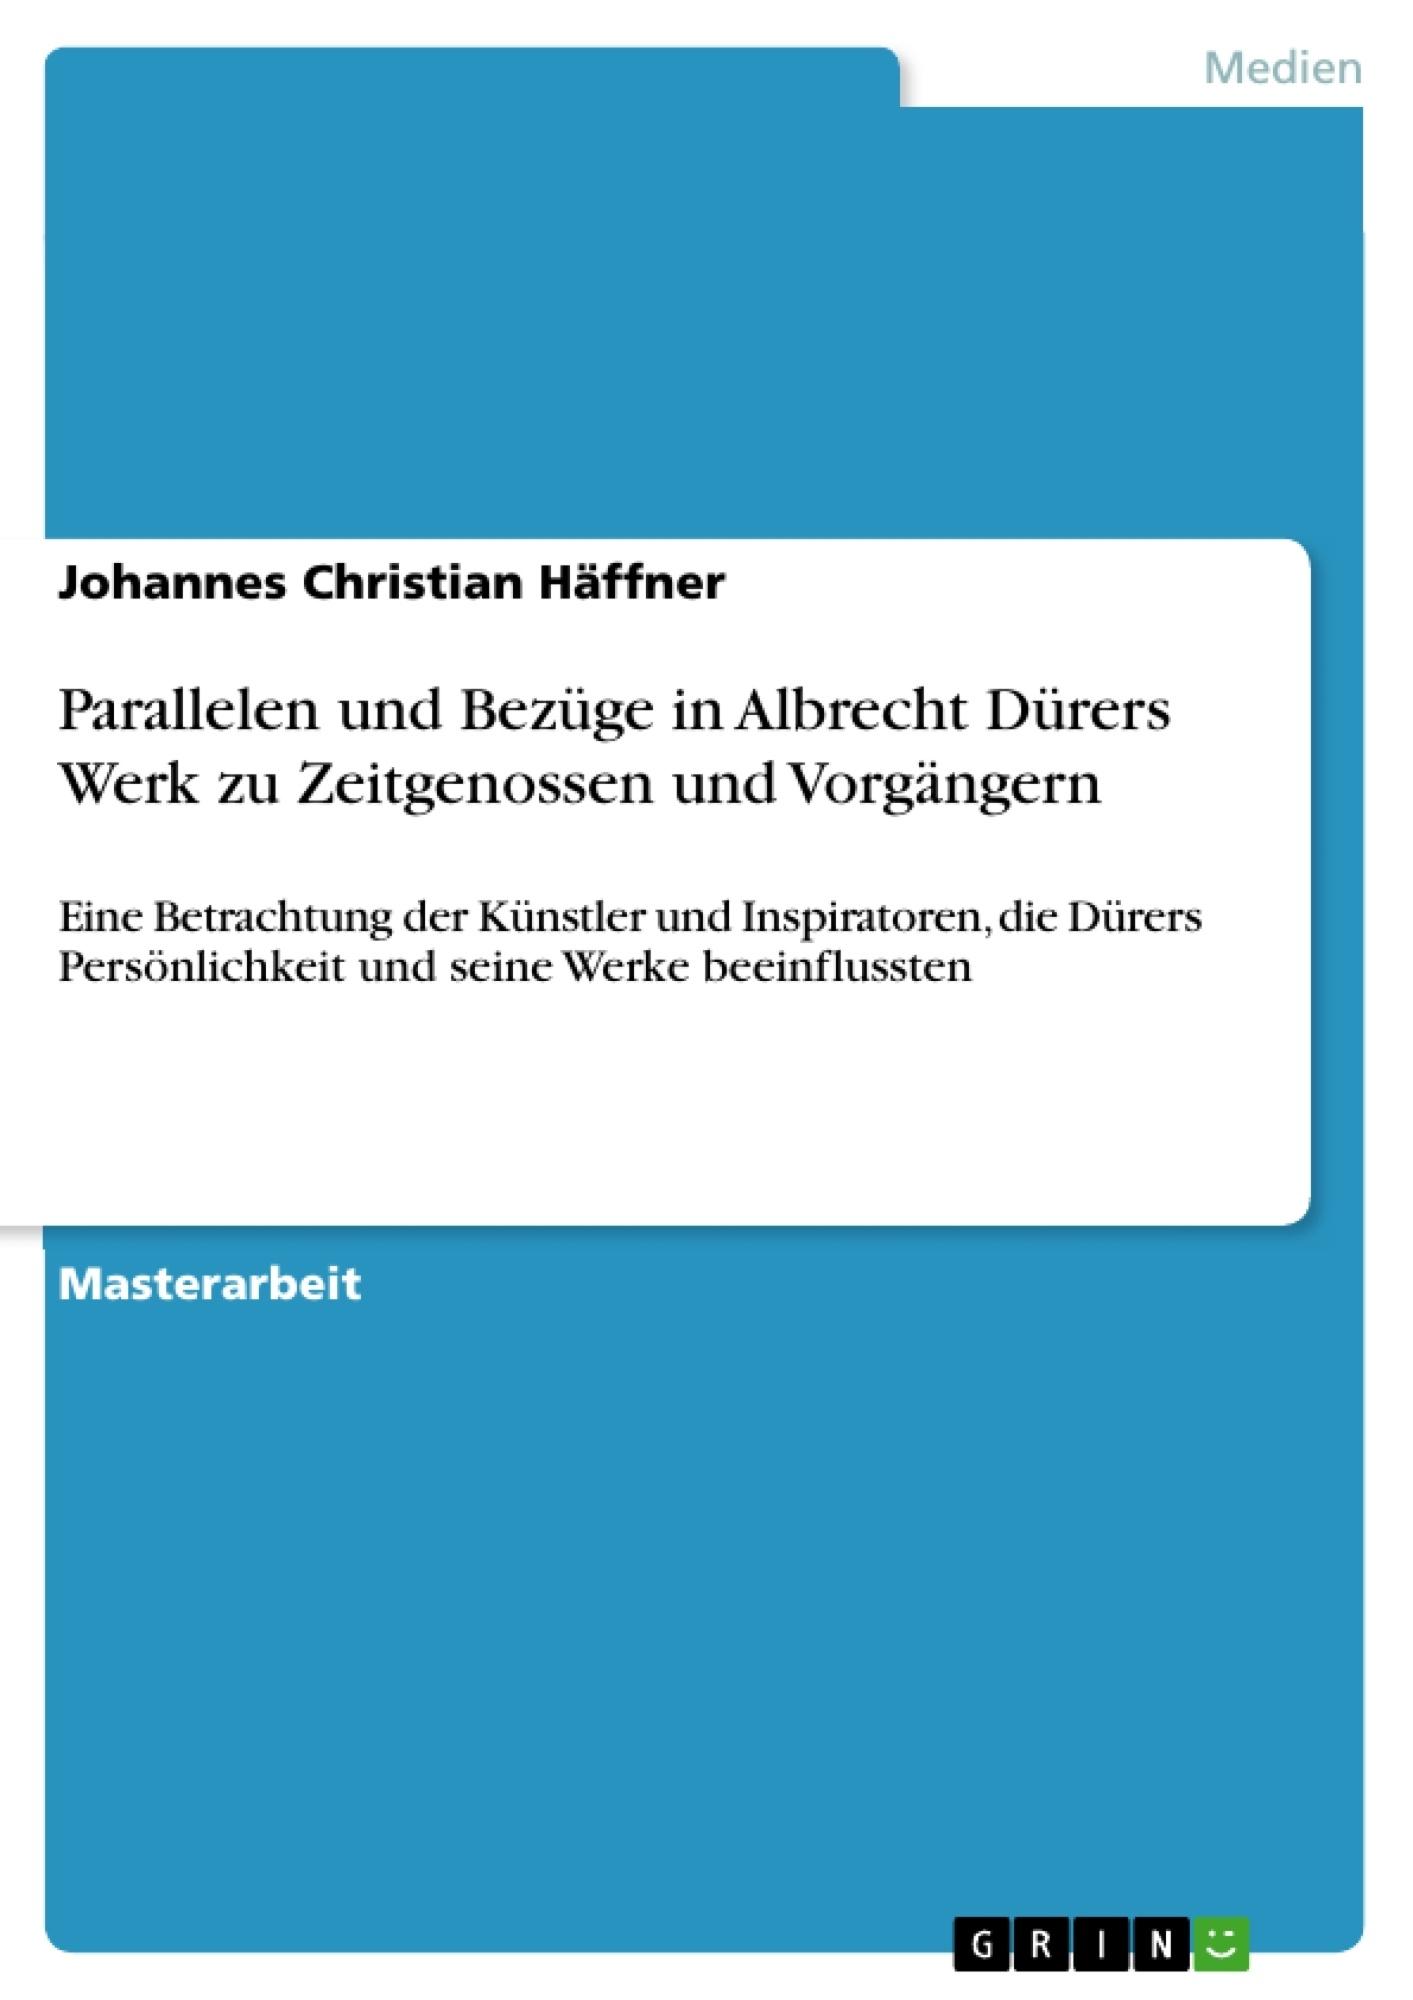 Titel: Parallelen und Bezüge in Albrecht Dürers Werk zu Zeitgenossen und Vorgängern